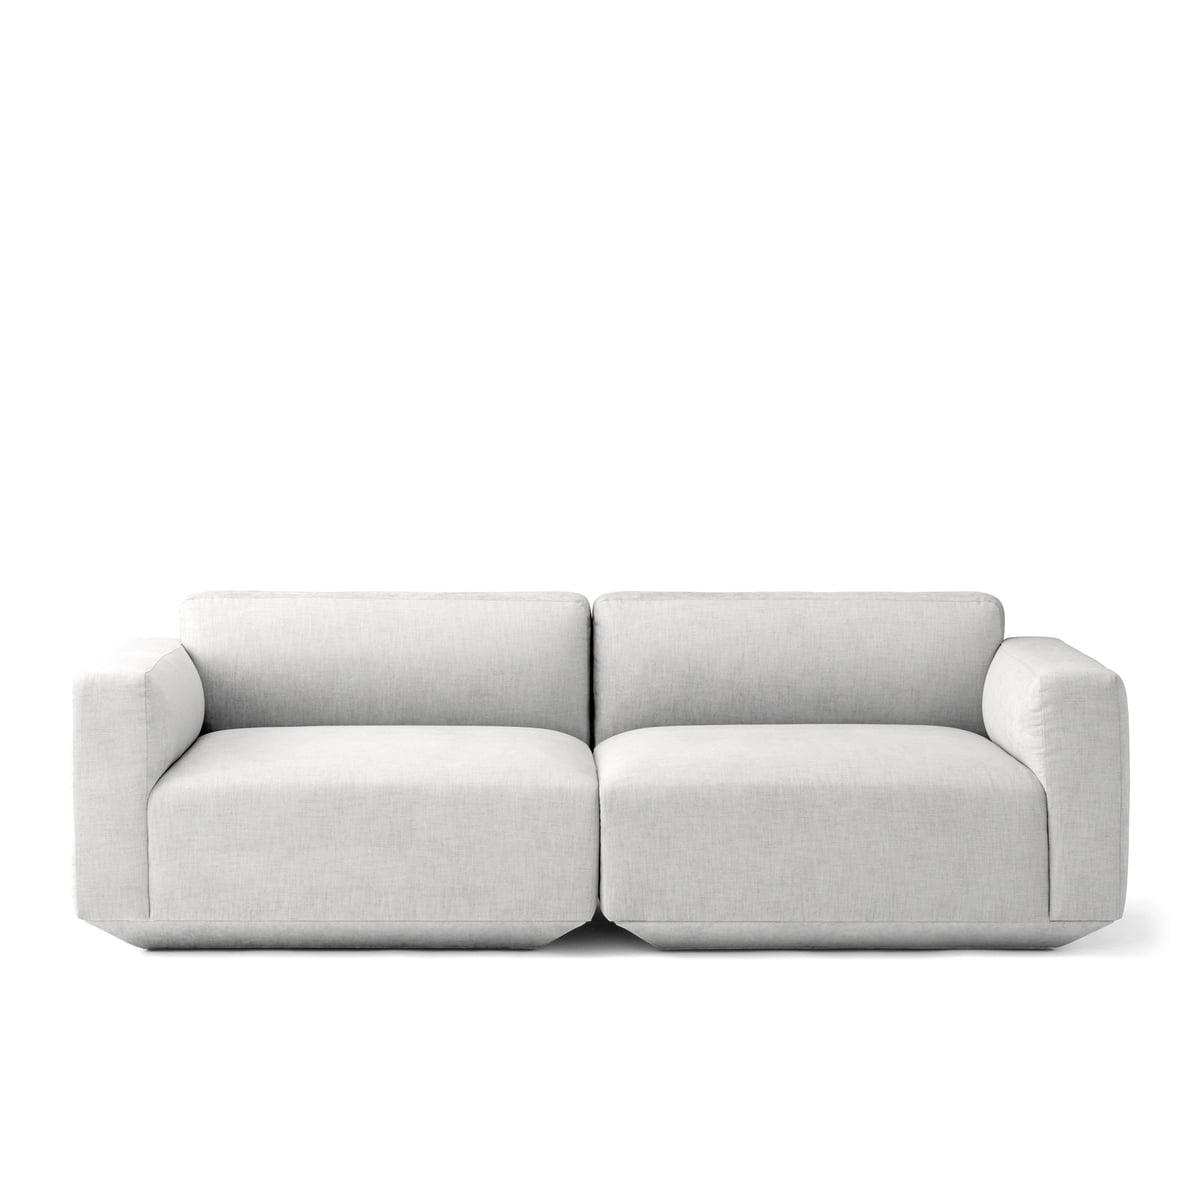 Full Size of Develius 2 Sitzer Sofa Von Tradition Connox Chesterfield Gebraucht Mit Bettkasten Bett 180x220 Polster Reinigen U Form 3 Bettfunktion Günstiges Leinen Rattan Sofa 2 Sitzer Sofa